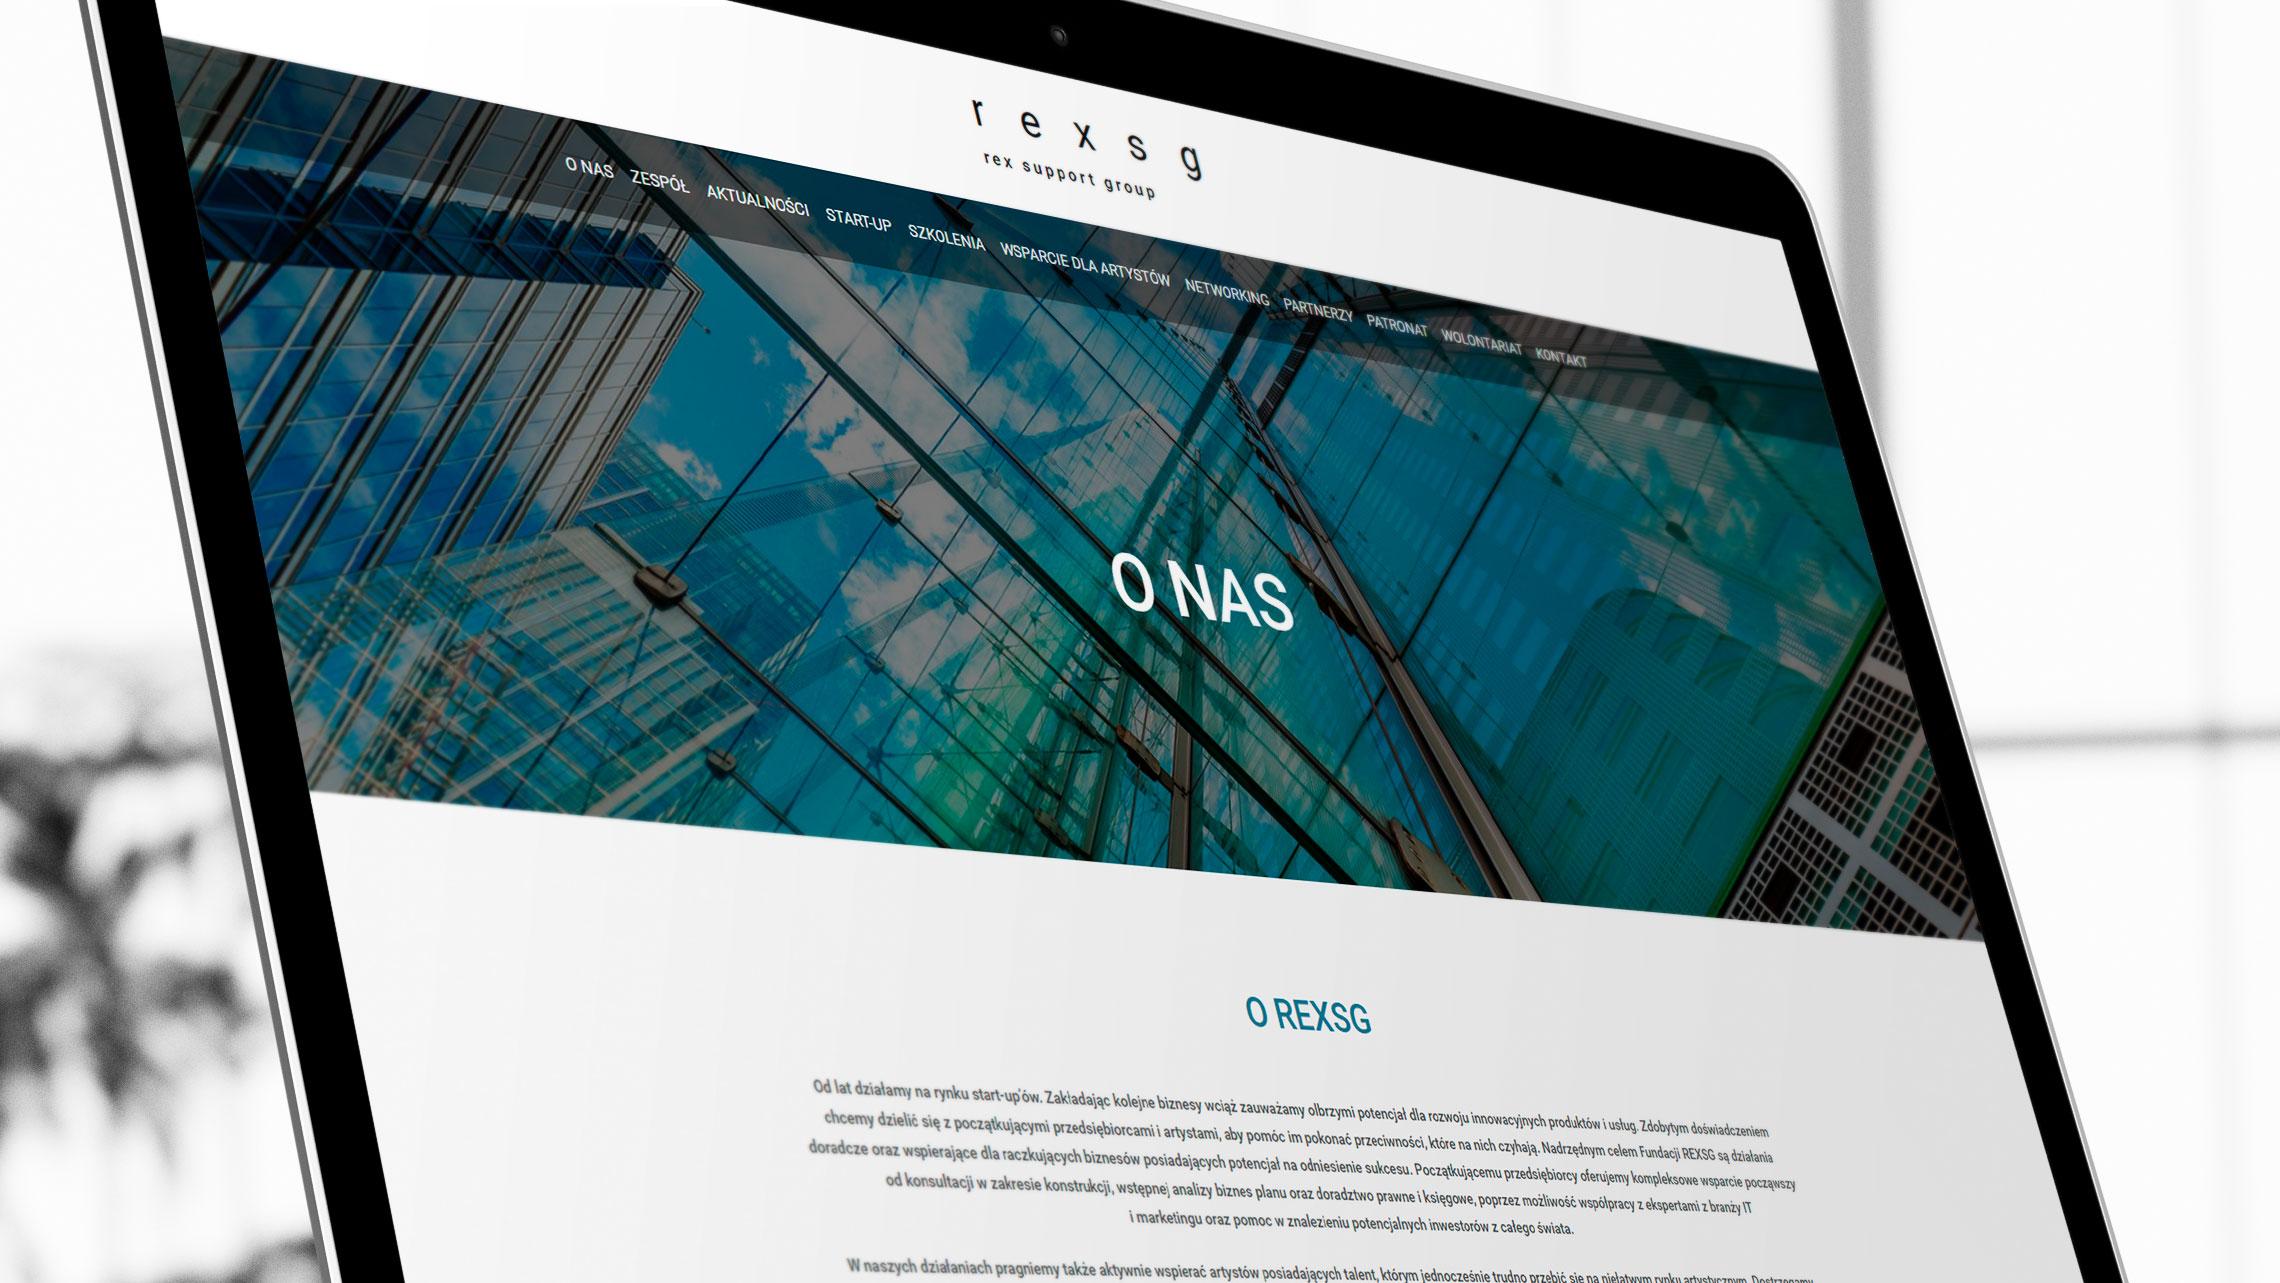 Sekcja onas nastronie internetowej fundacji Rex SG